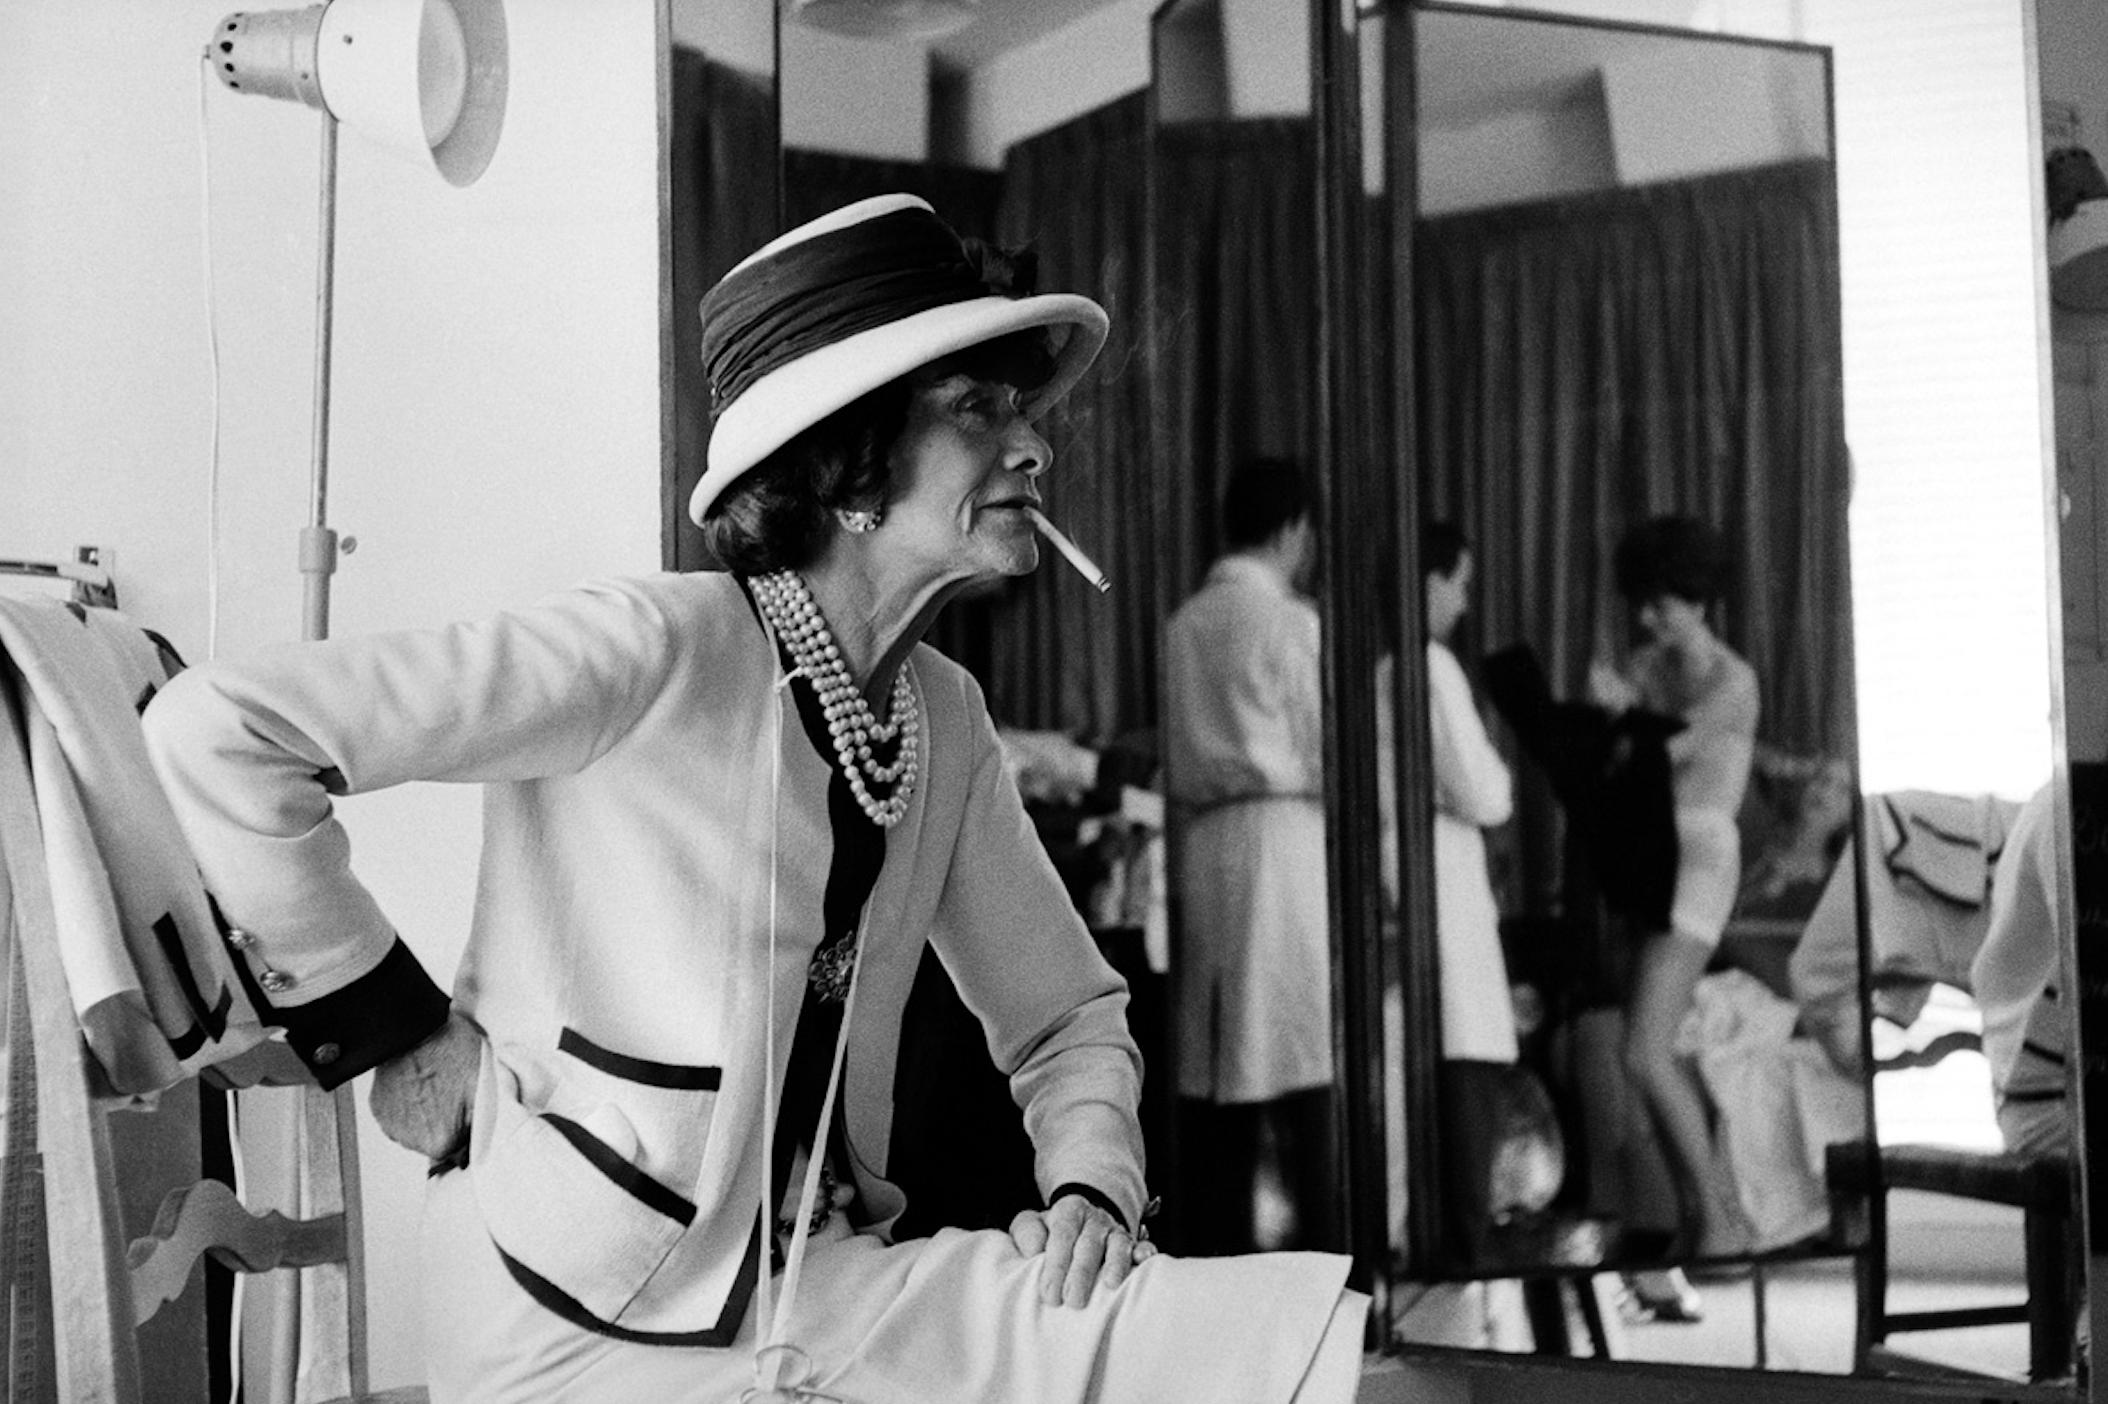 Le divine Coco Chanel e Marilyn Monroe negli scatti di Douglas Kirkland. A Biella